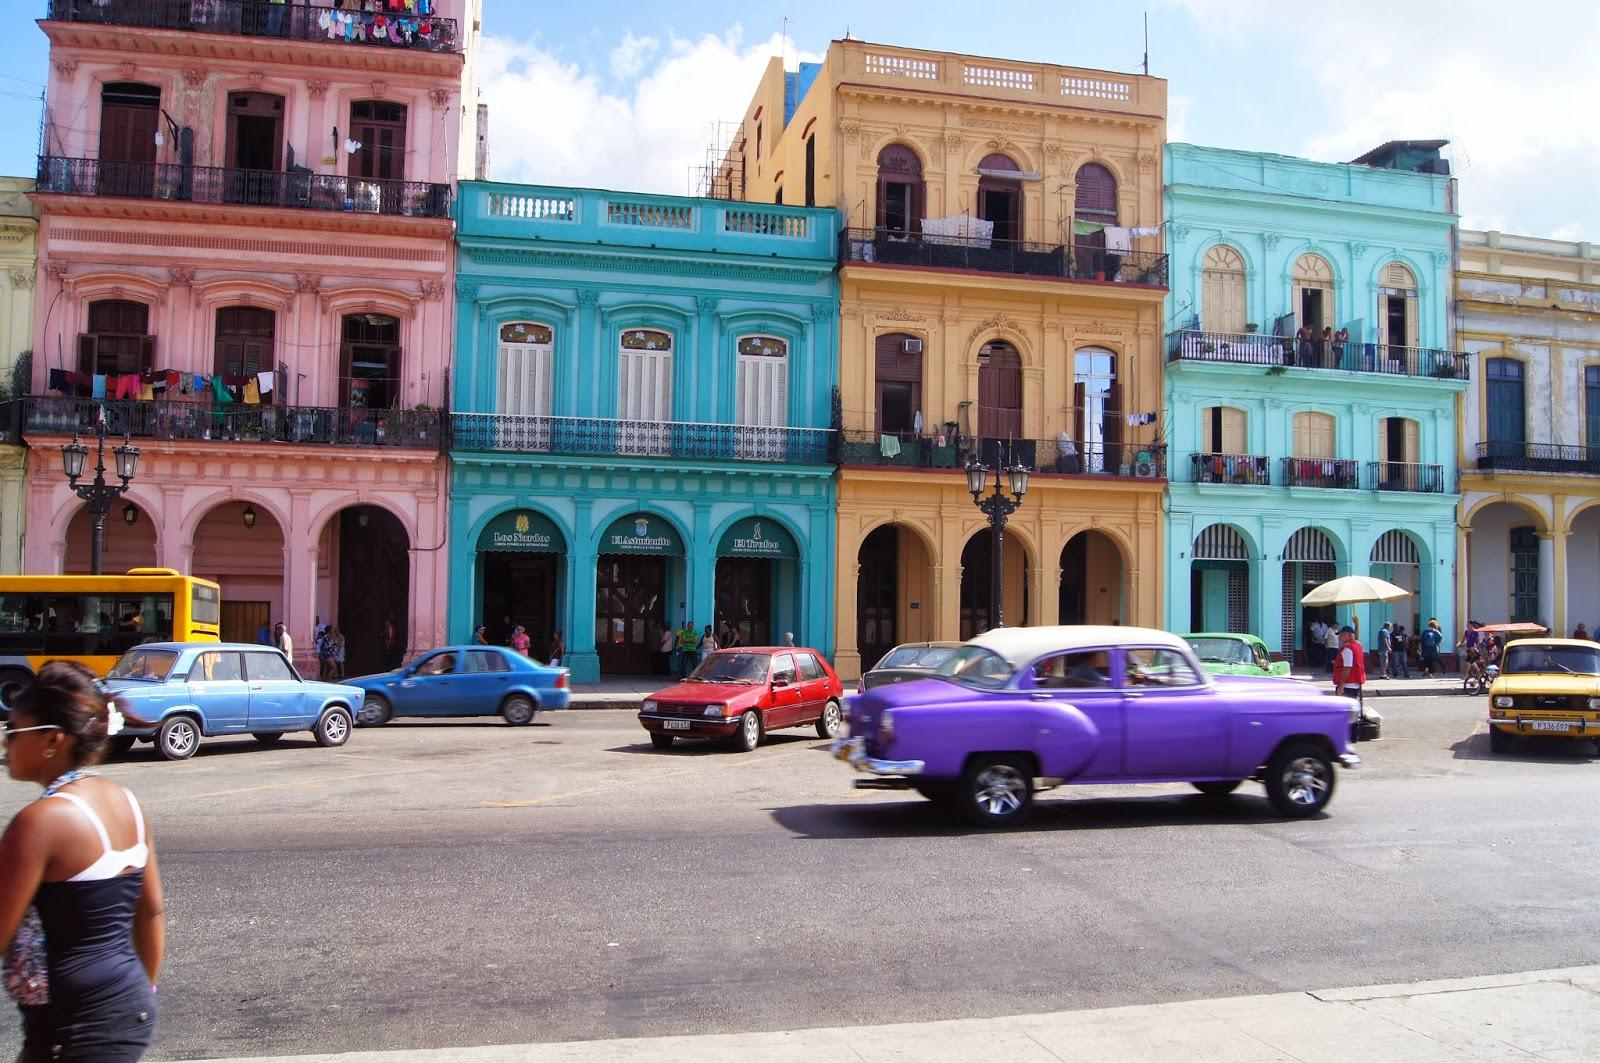 Bilderesultat for gamle biler i cuba